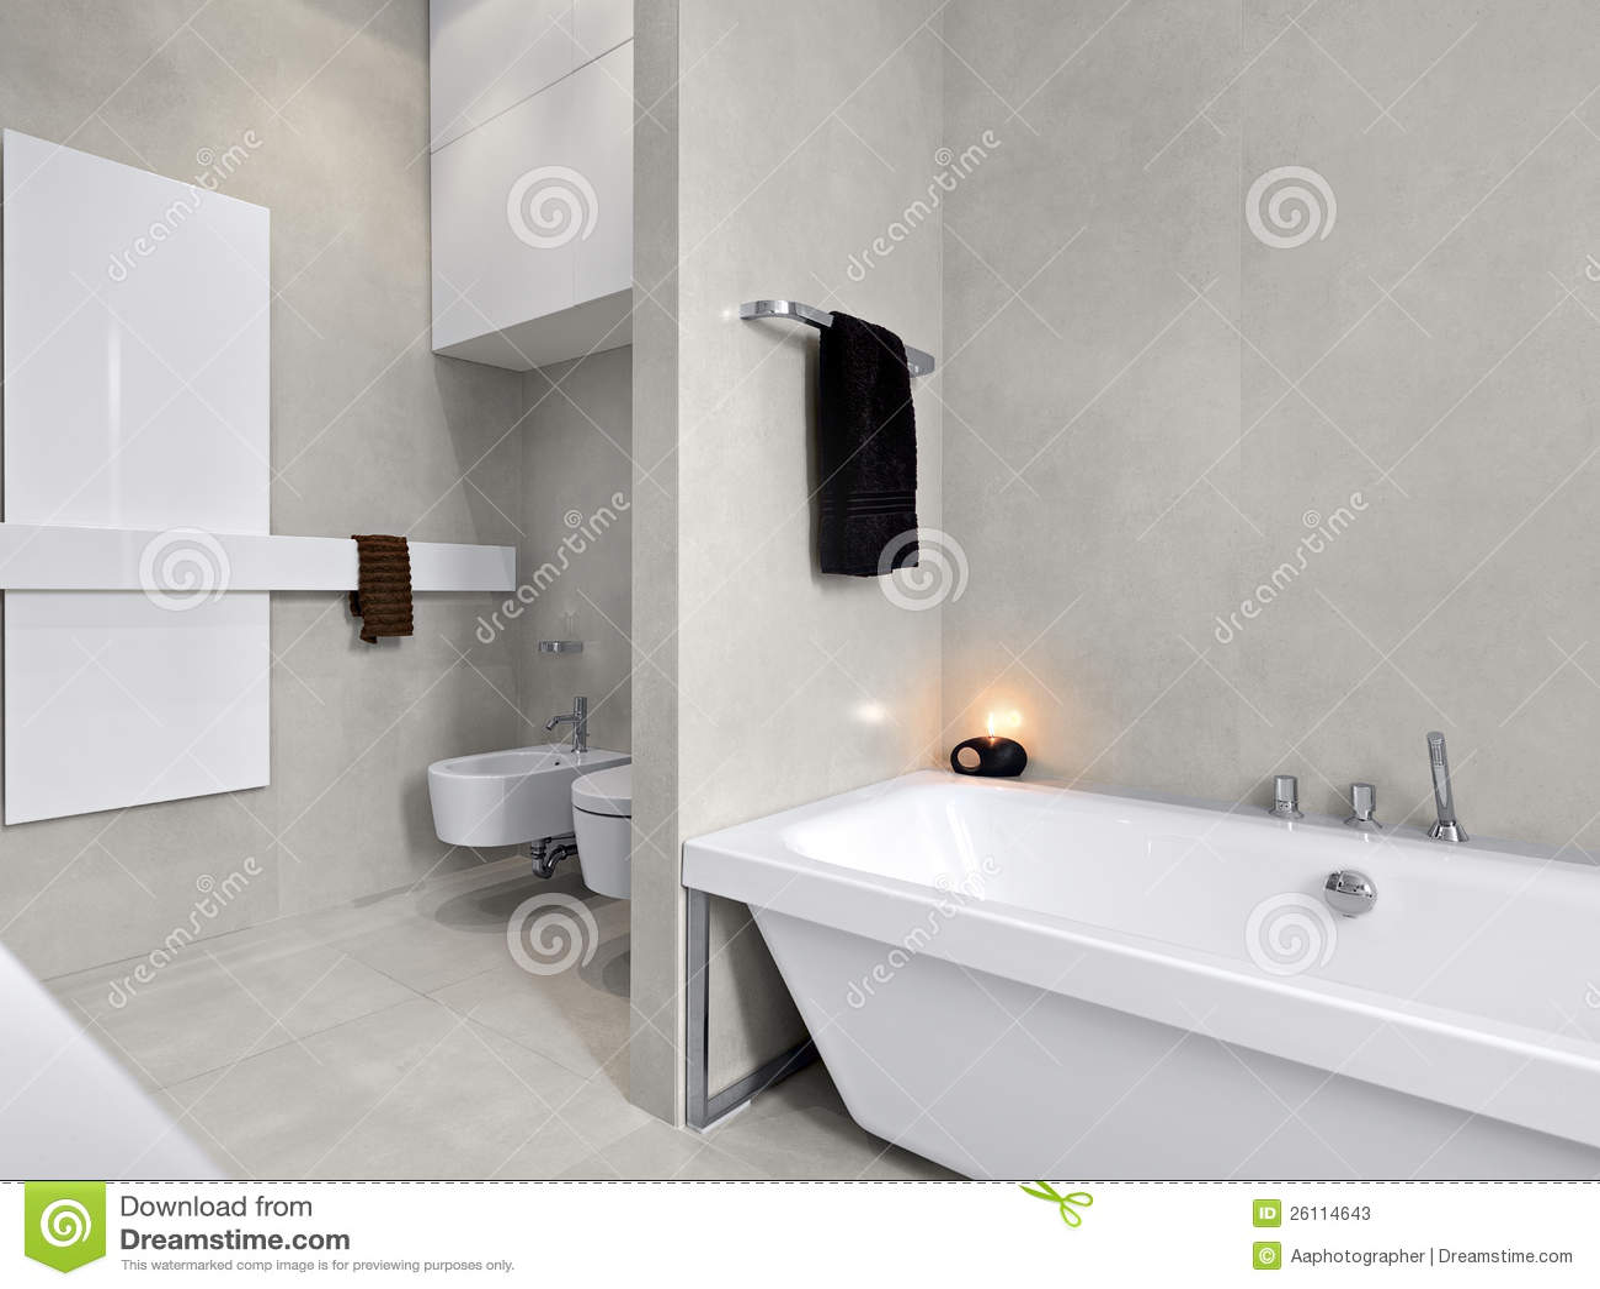 Baignoire Blanche Moderne Pour La Salle De Bains Image stock  Image du moderne luxueux 26114643